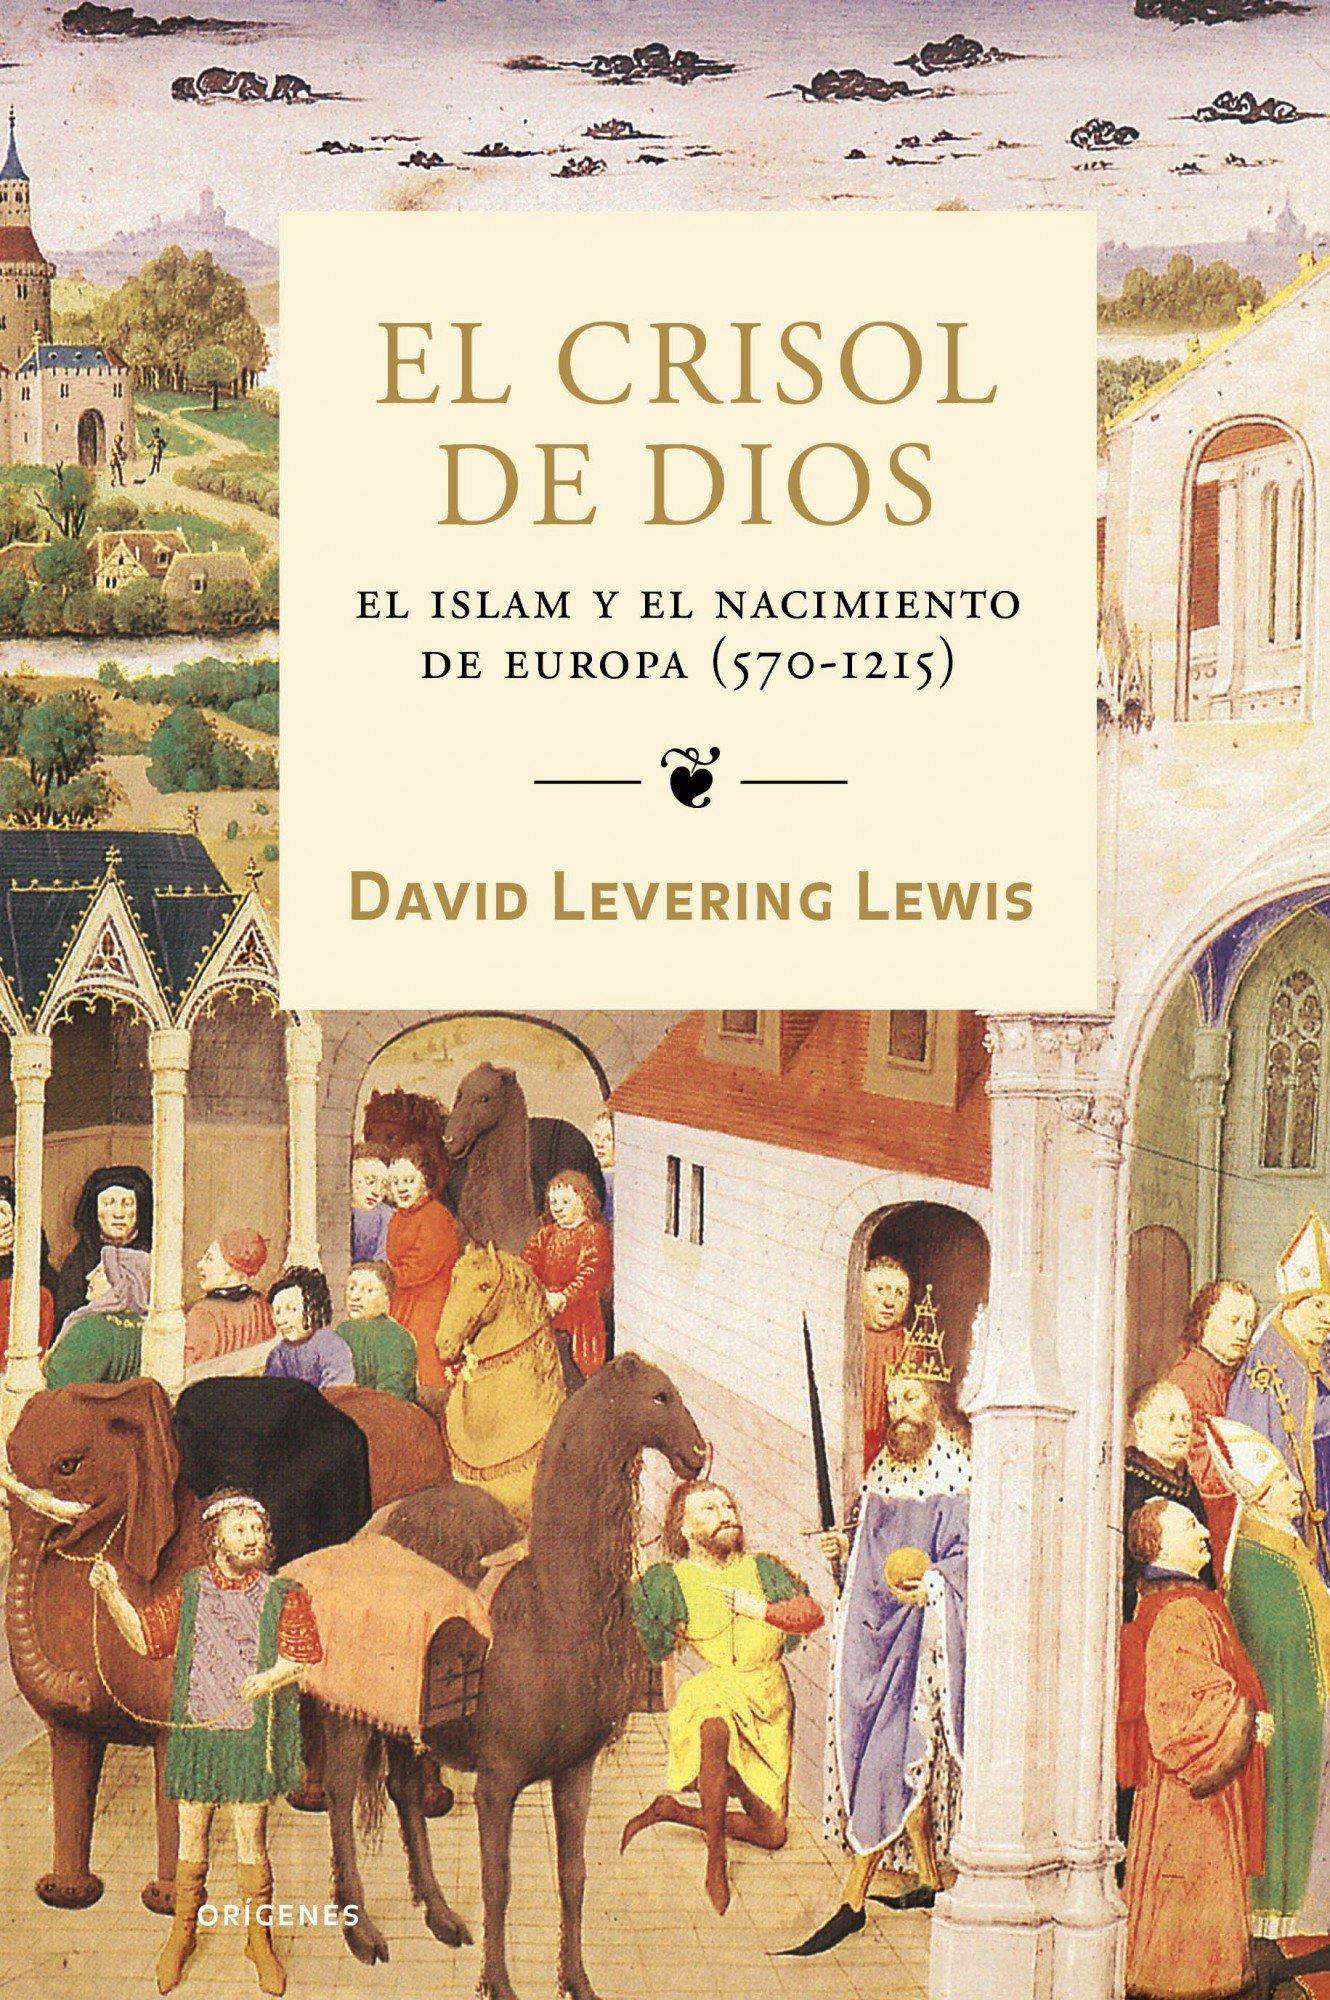 El crisol de Dios: El islam y el nacimiento de Europa 570-1215 Orígenes: Amazon.es: Lewis, David Levering: Libros